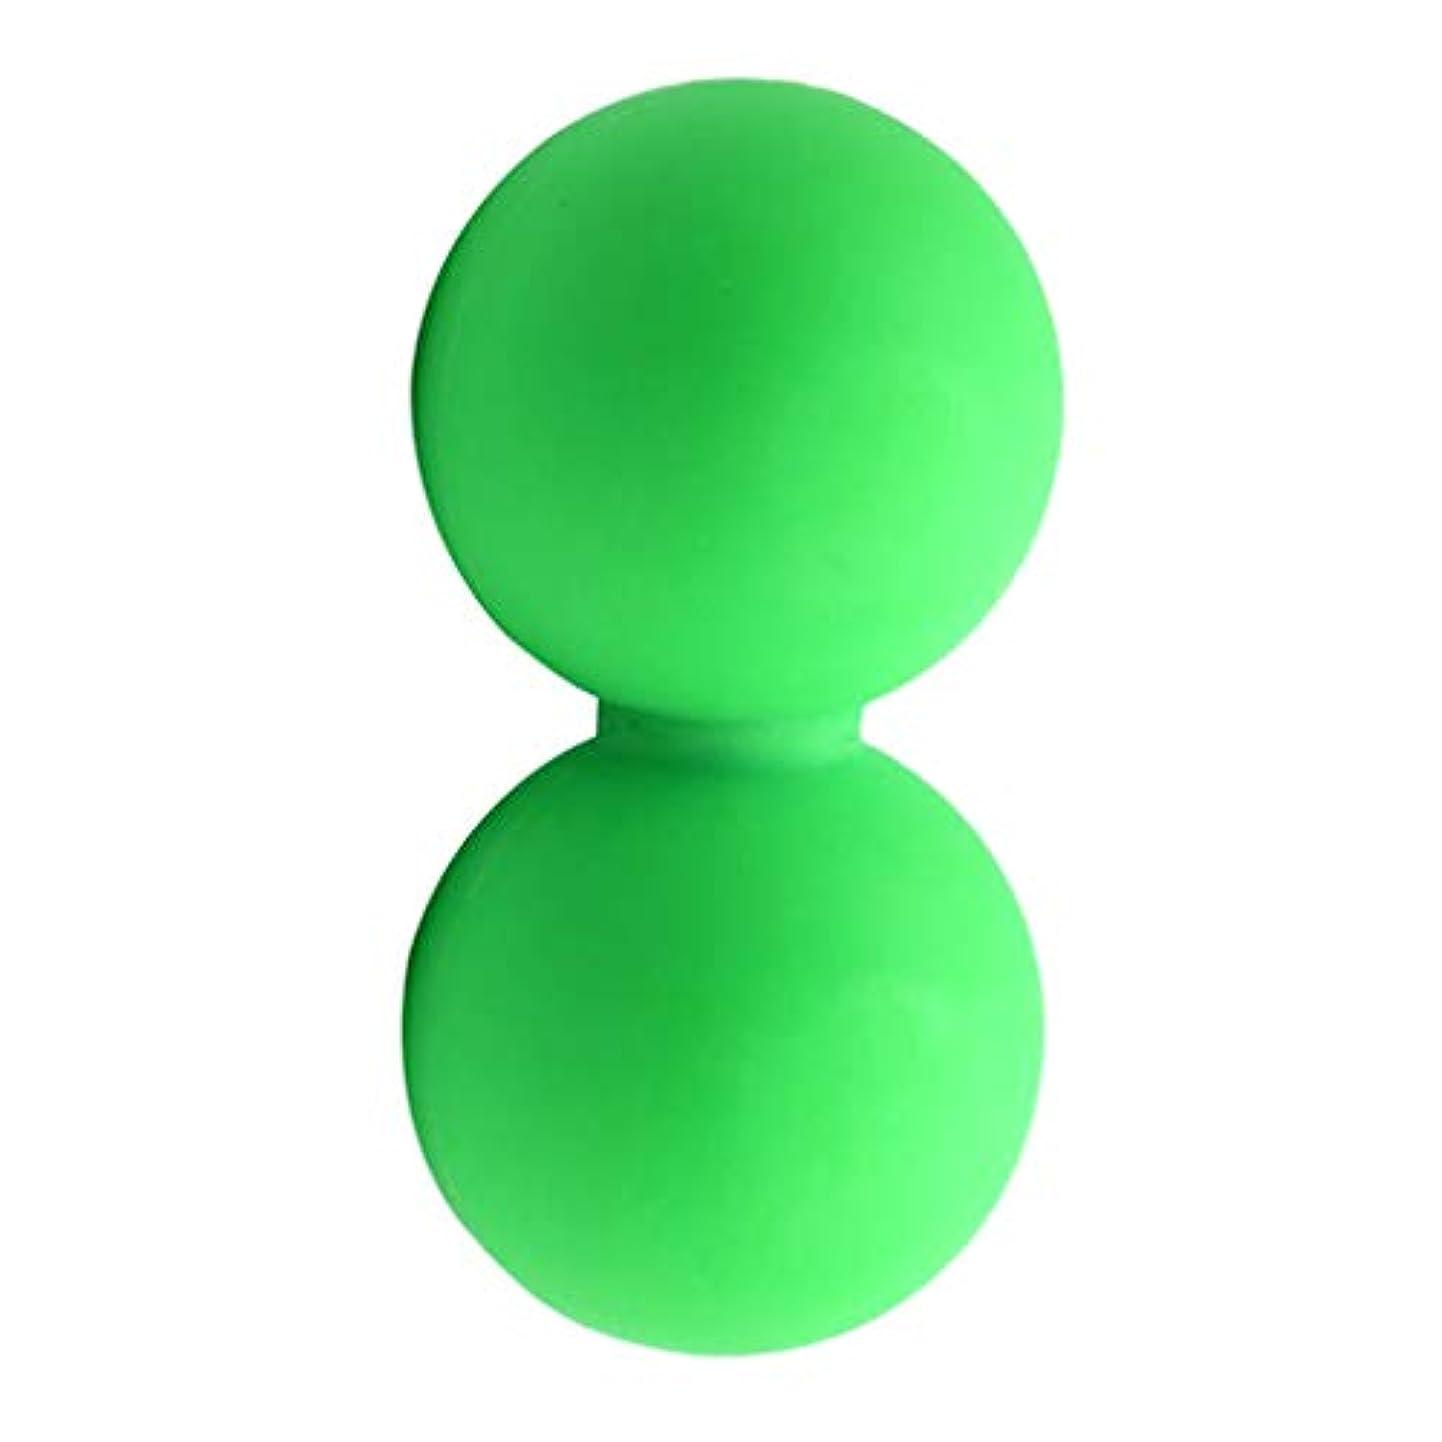 Perfeclan マッサージボール 疲れ取り スポーツケア 痛み緩和 リラックス グリーン